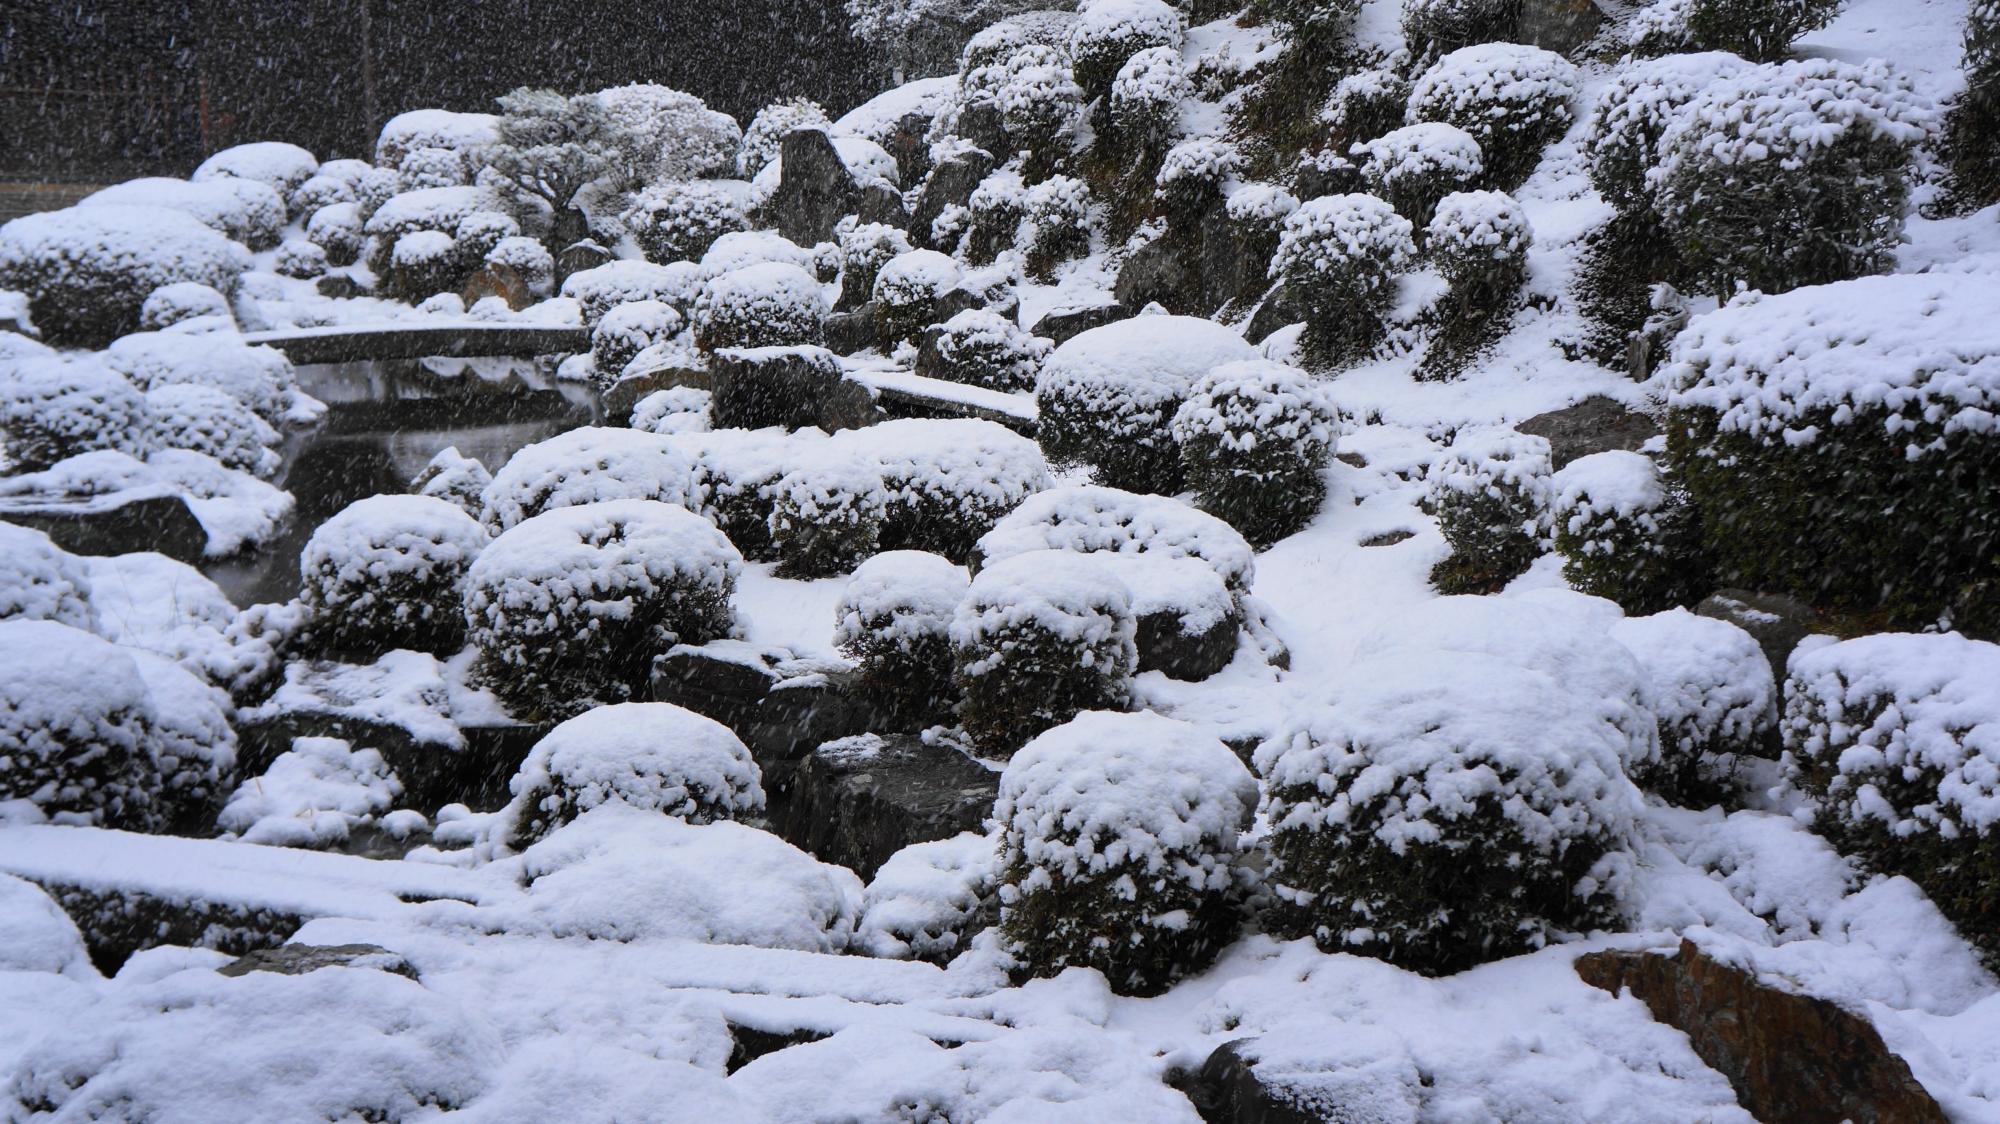 真っ白な庭園の池や岩や刈り込み